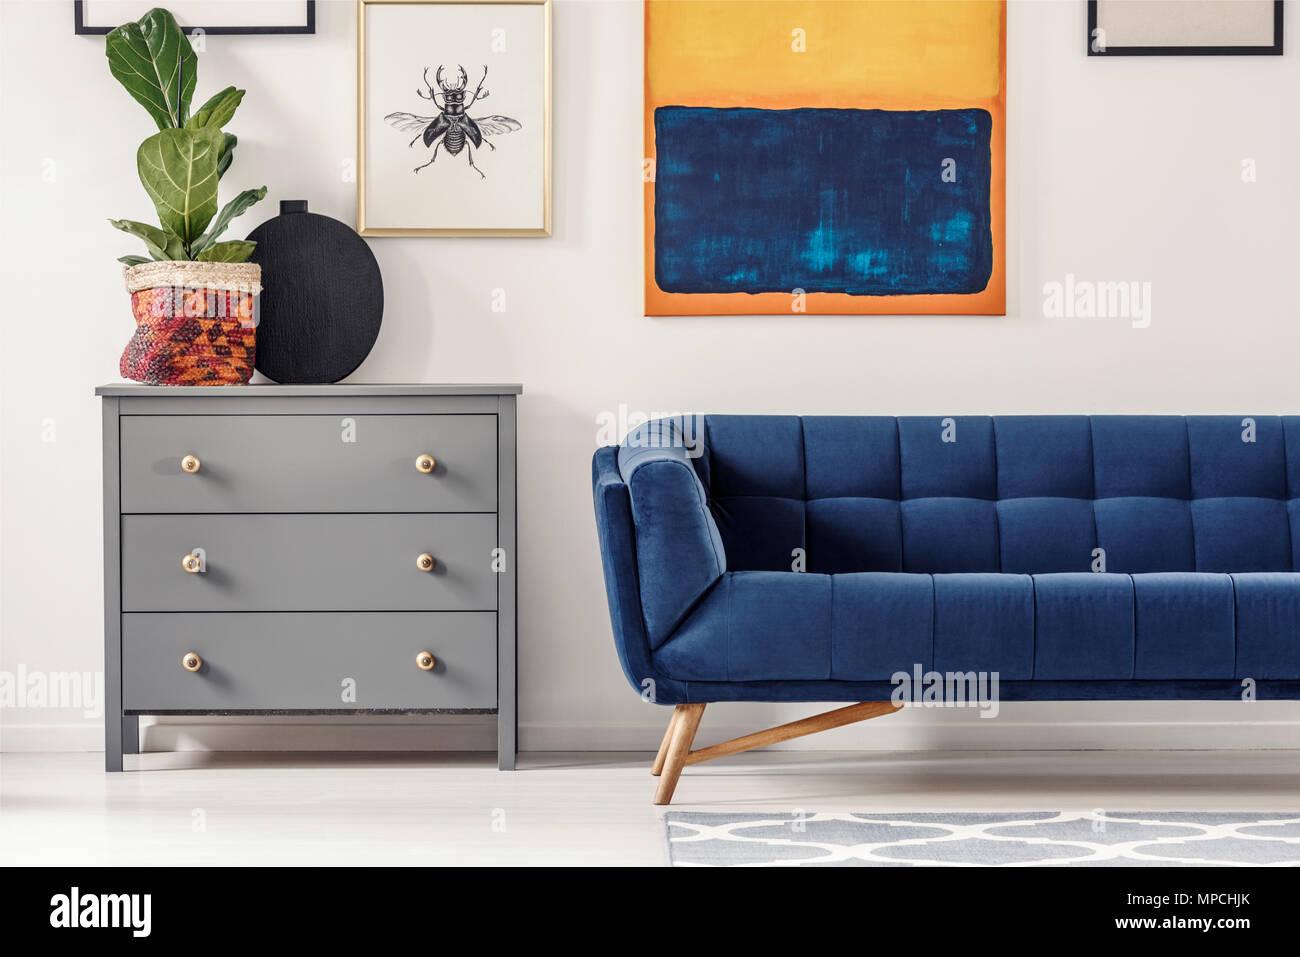 Frisches Grün auf grau Kabelschleusen neben Navy blaues Sofa im ...